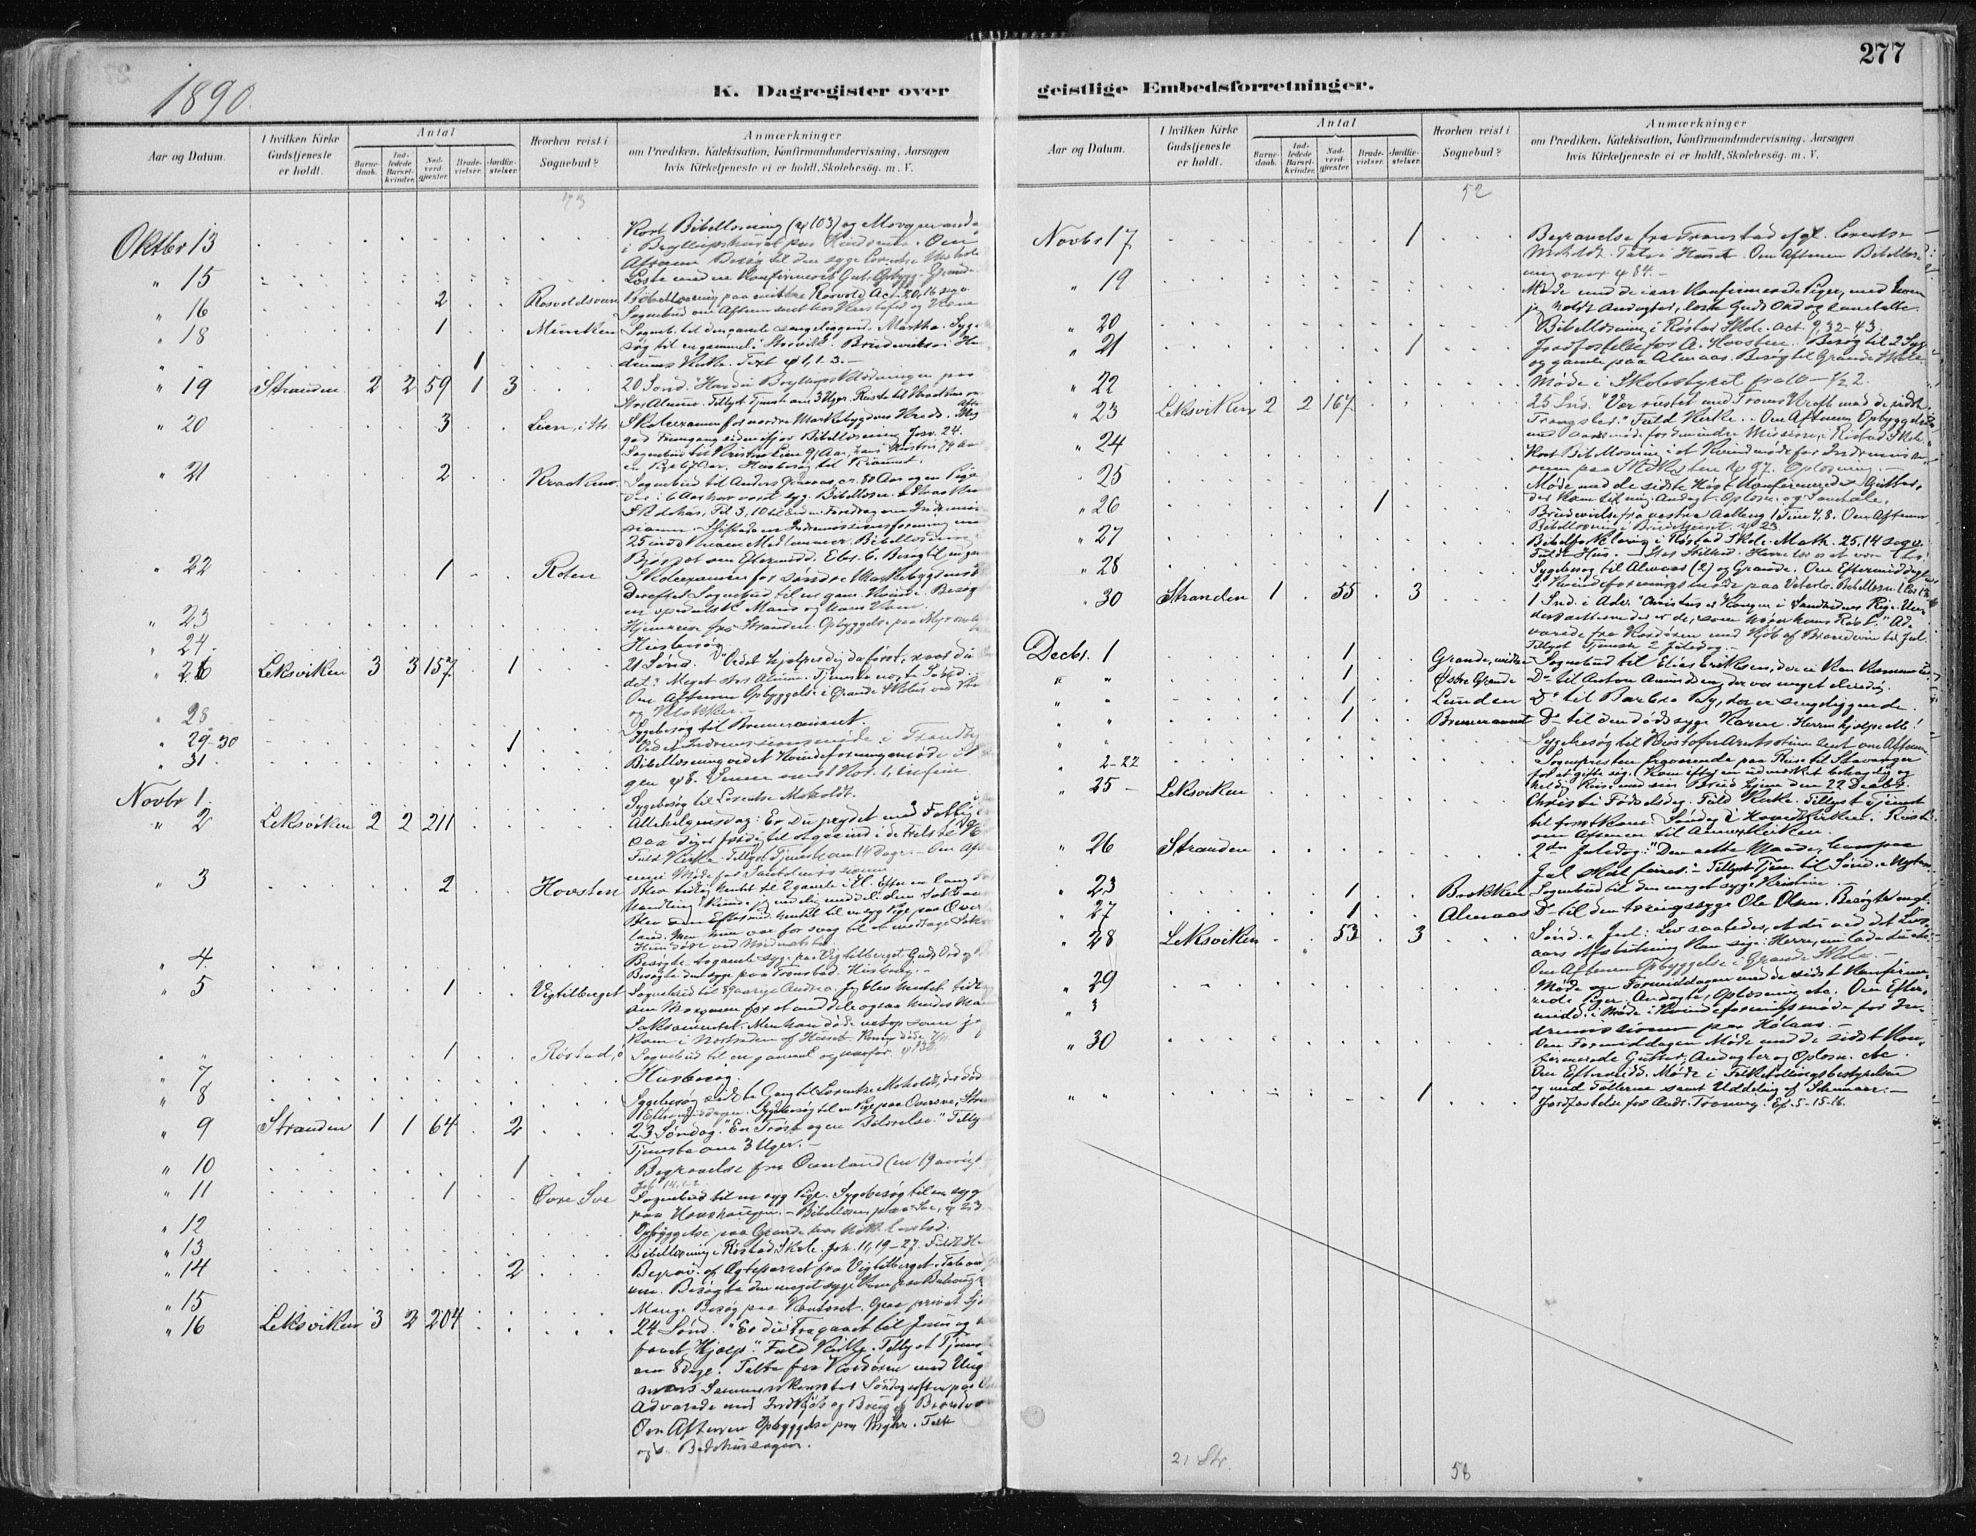 SAT, Ministerialprotokoller, klokkerbøker og fødselsregistre - Nord-Trøndelag, 701/L0010: Ministerialbok nr. 701A10, 1883-1899, s. 277